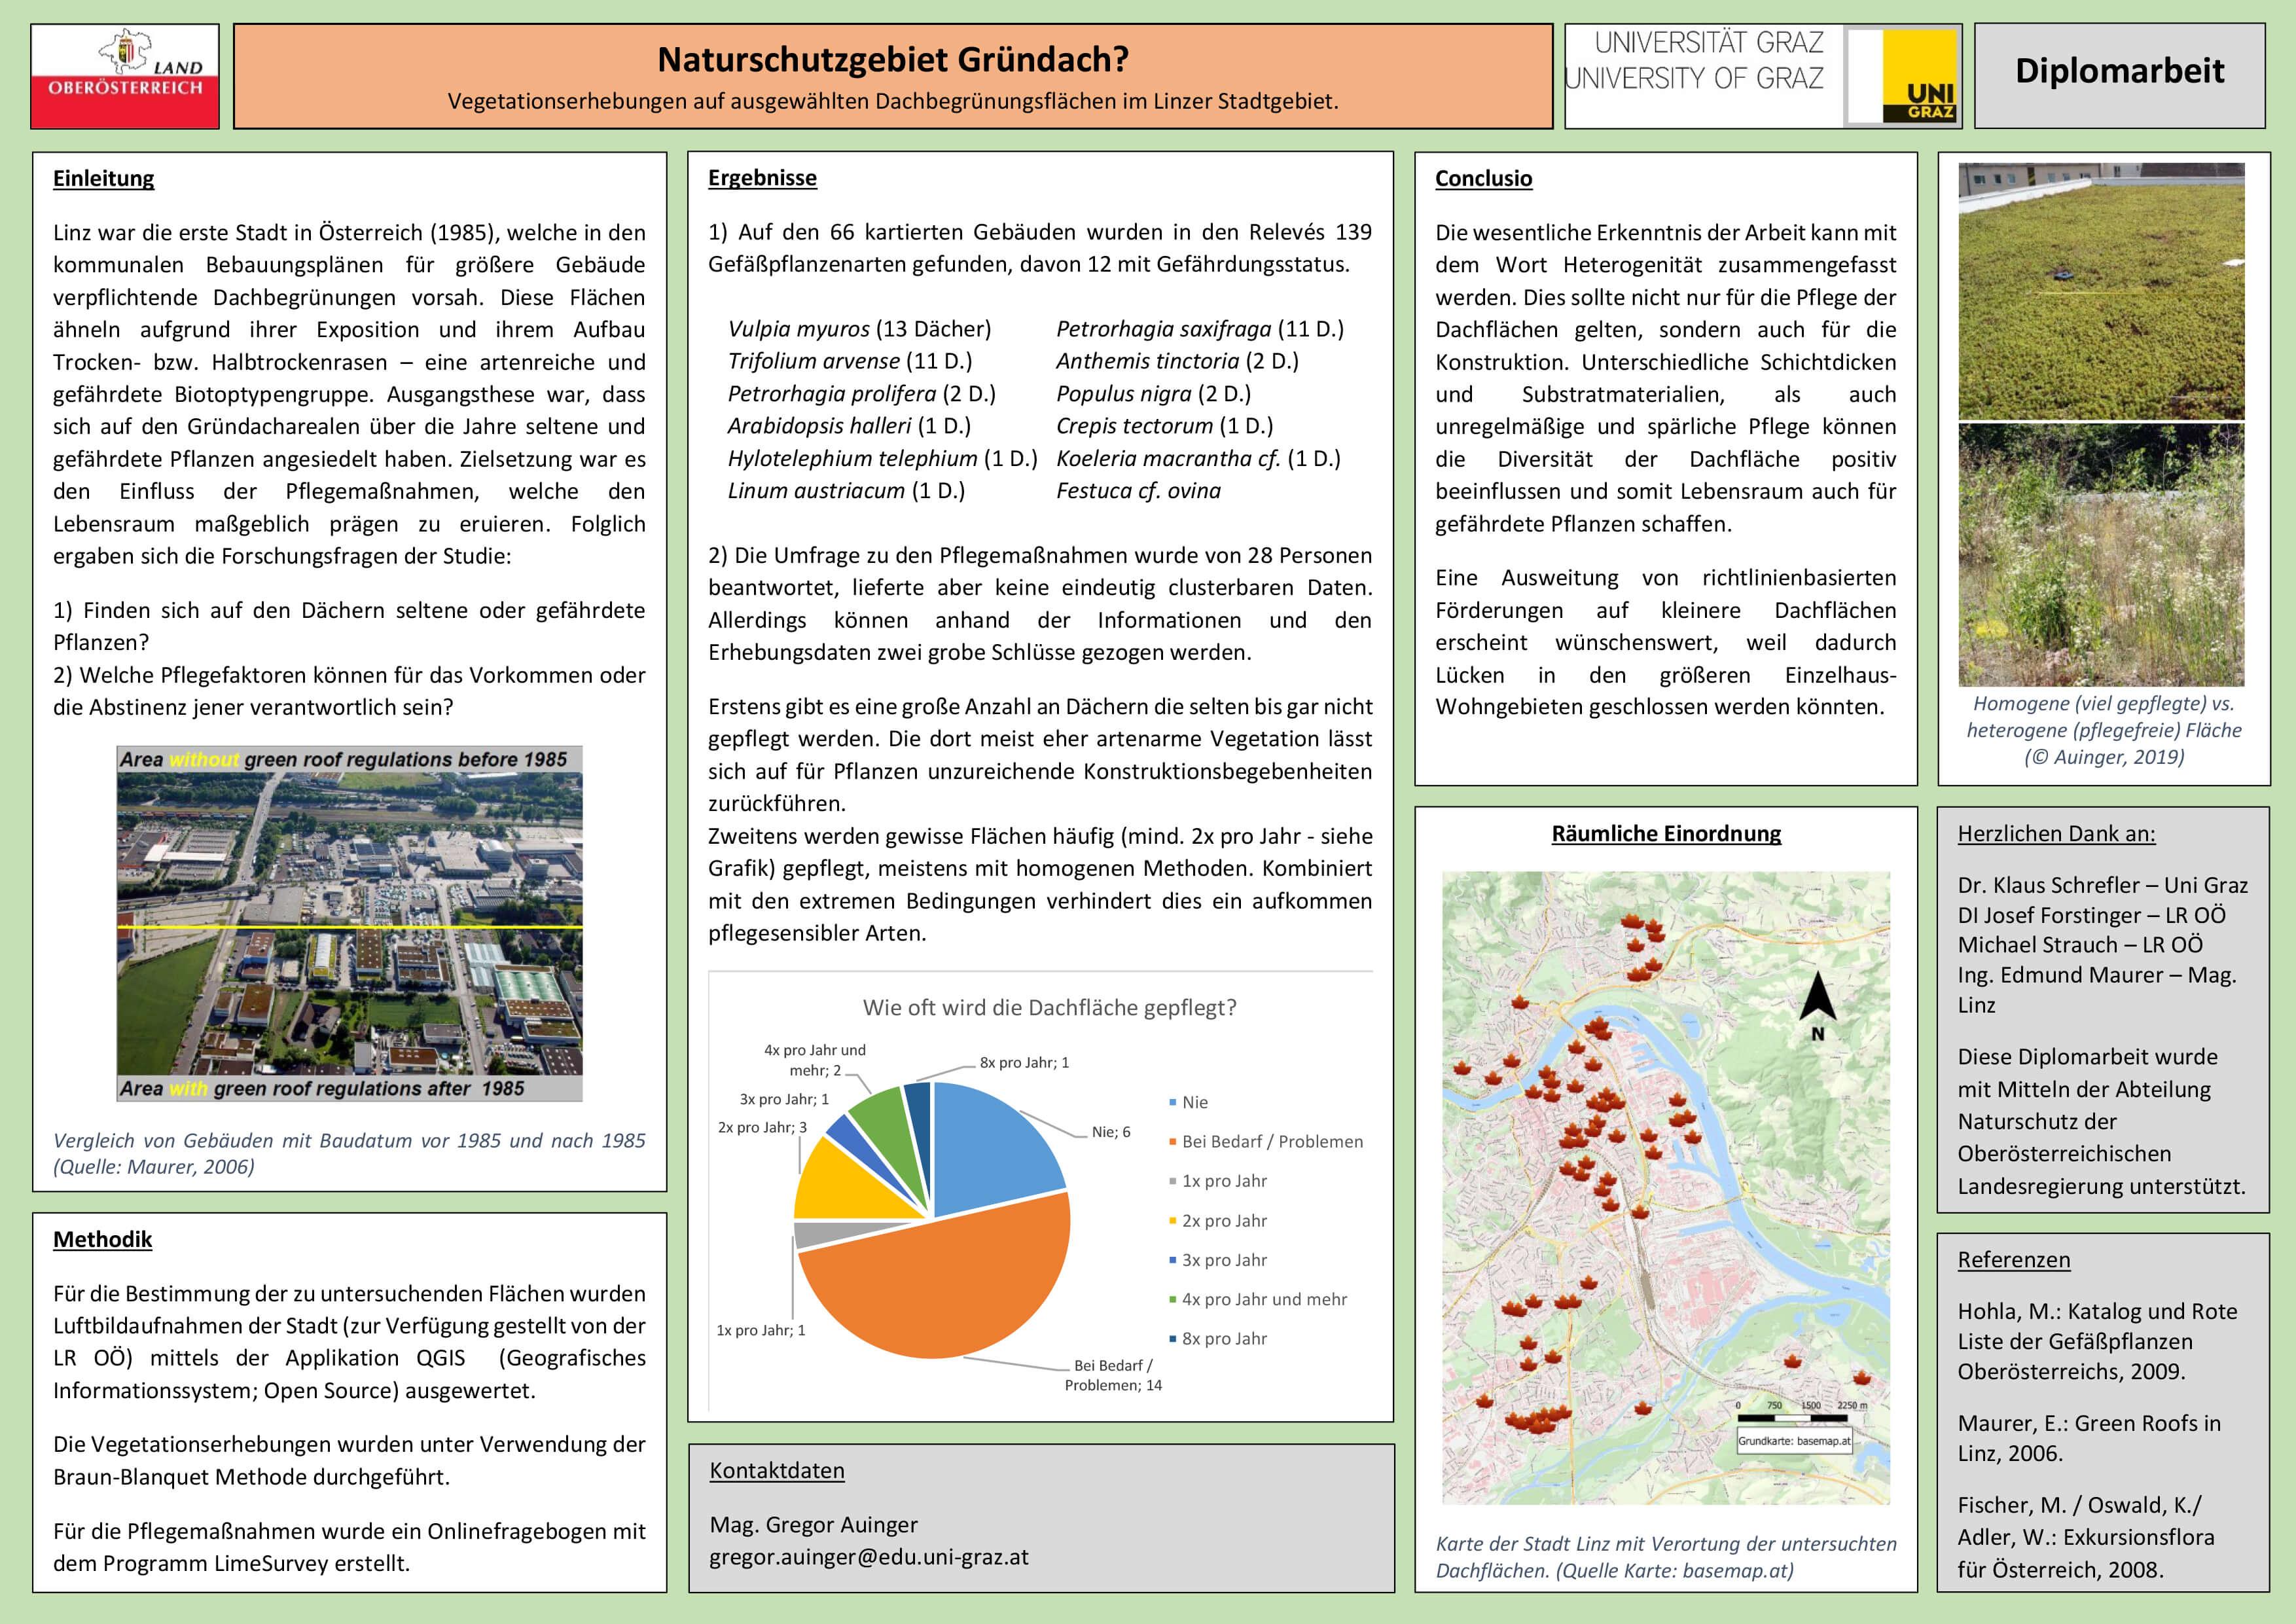 Poster: Naturschutzgebiet Gründach